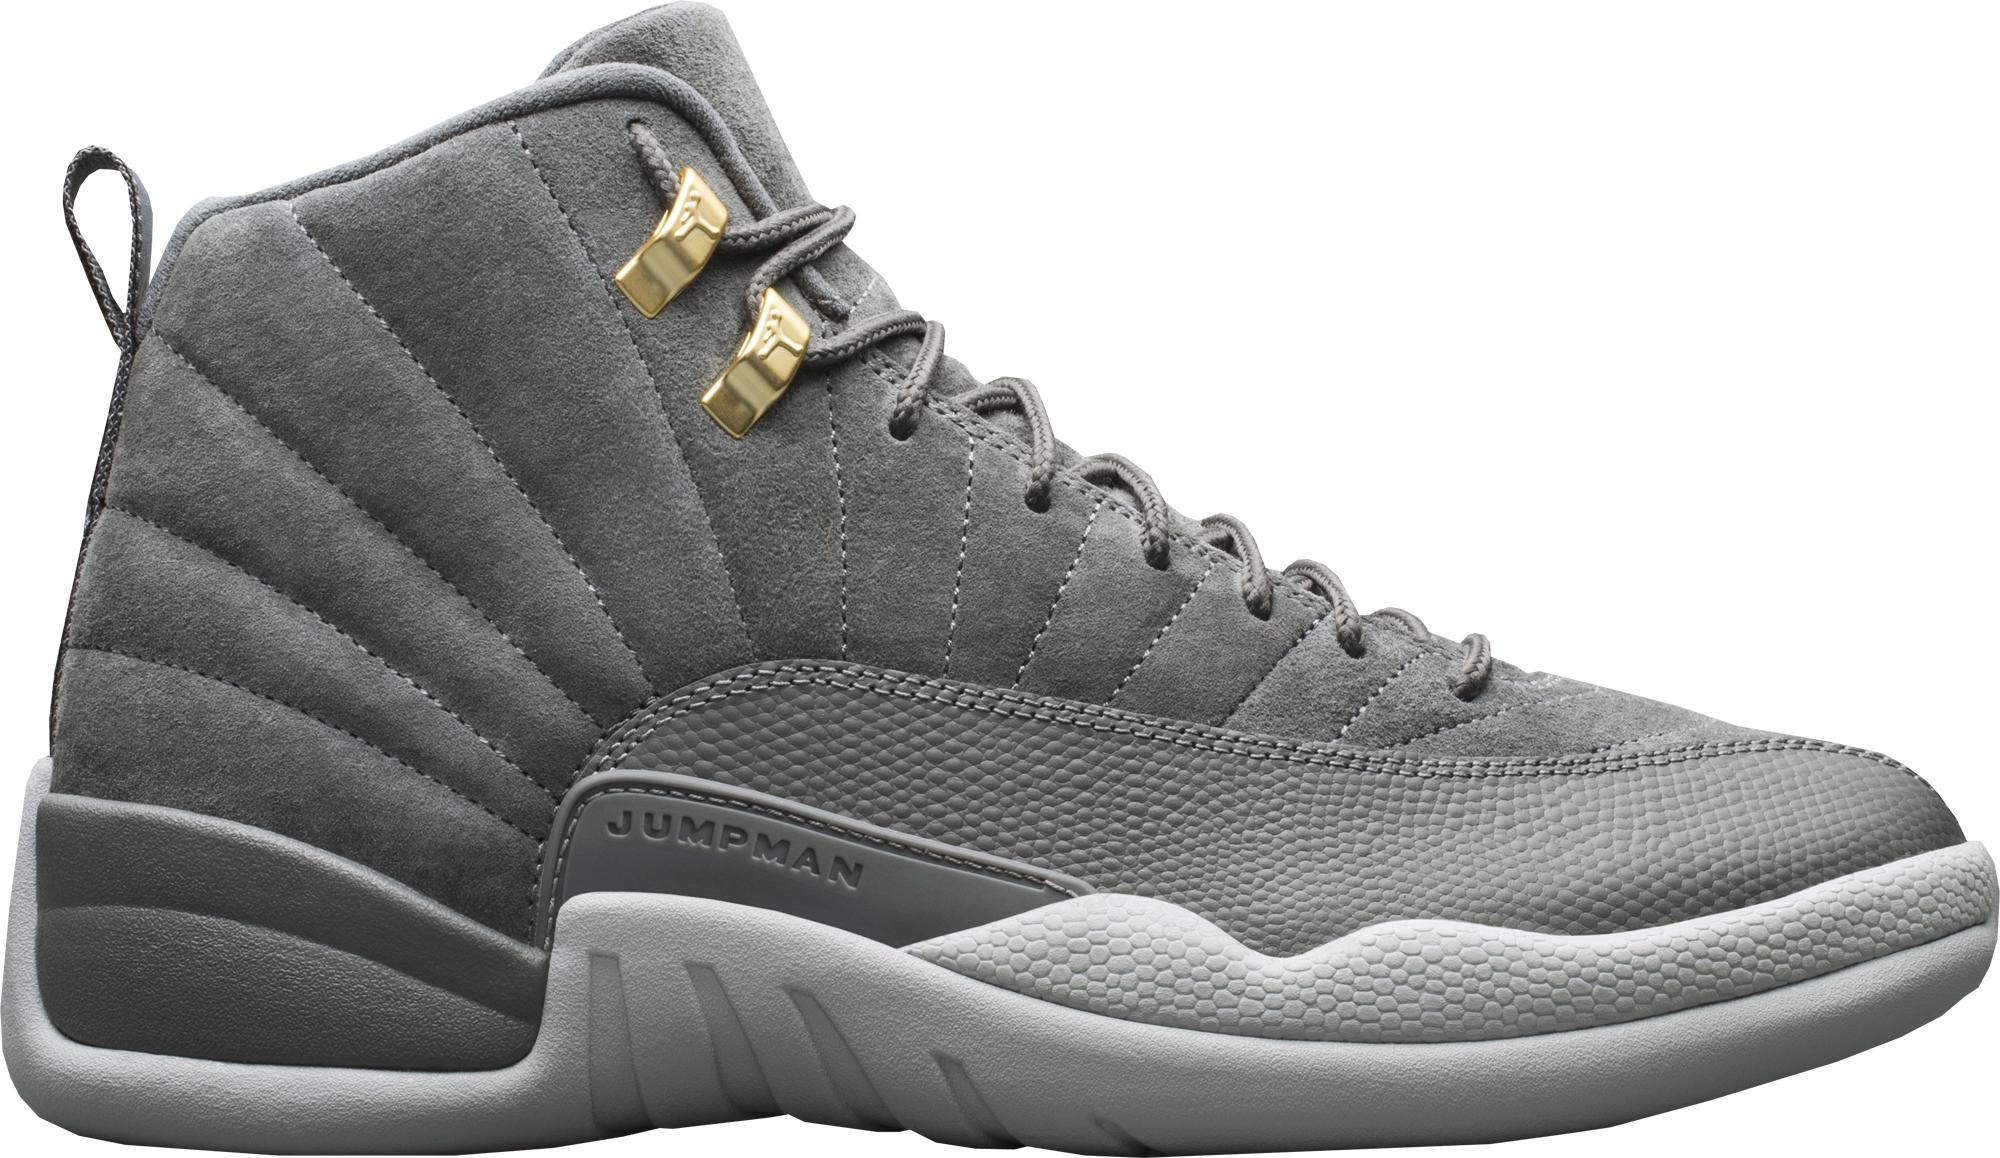 Jordan 12 Retro Dark Grey